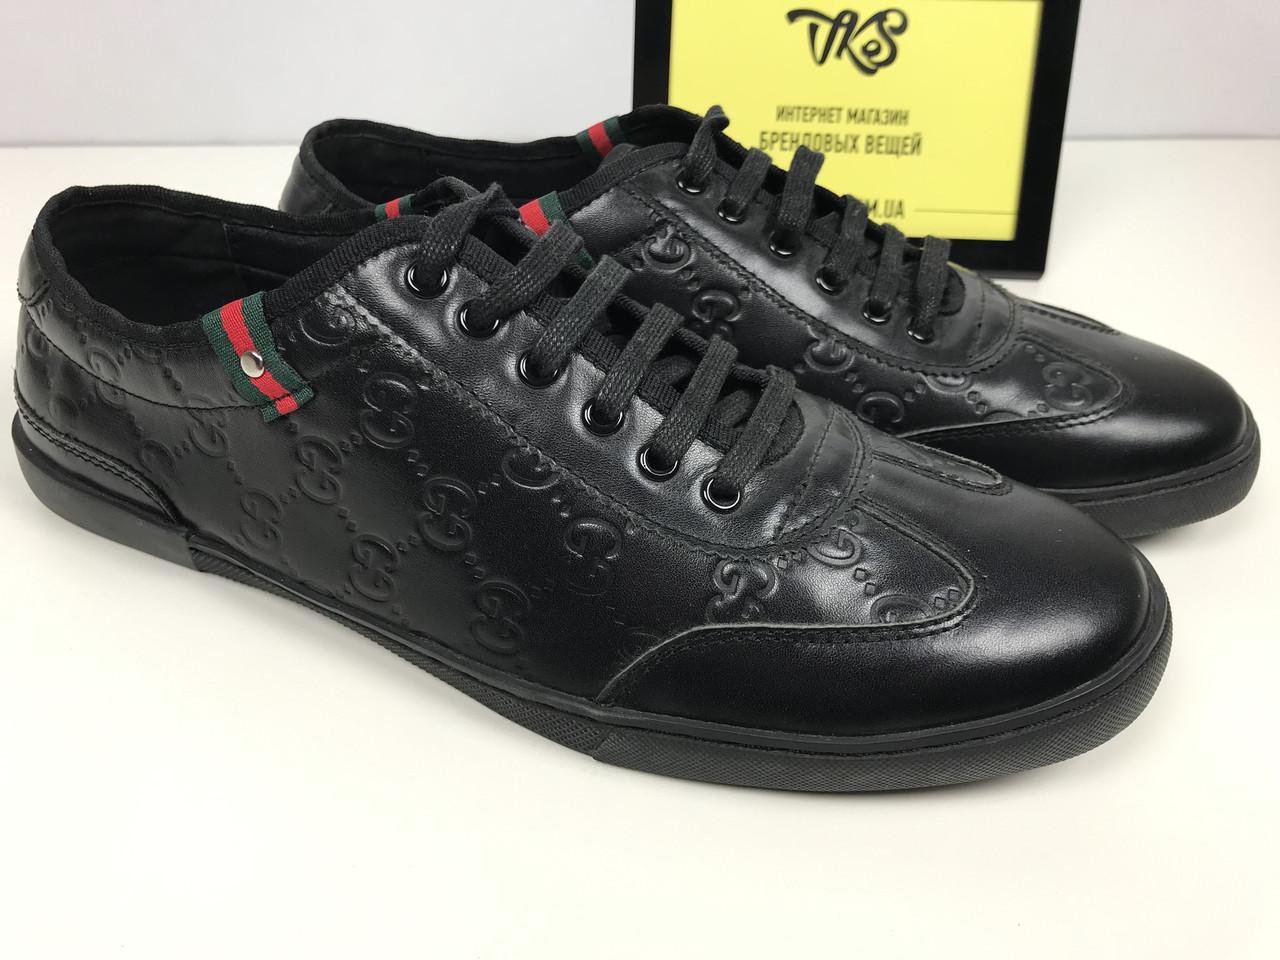 b1e07591f2fd Купить кеды мужские в интернет магазине - обувь Gucci   vkstore ...